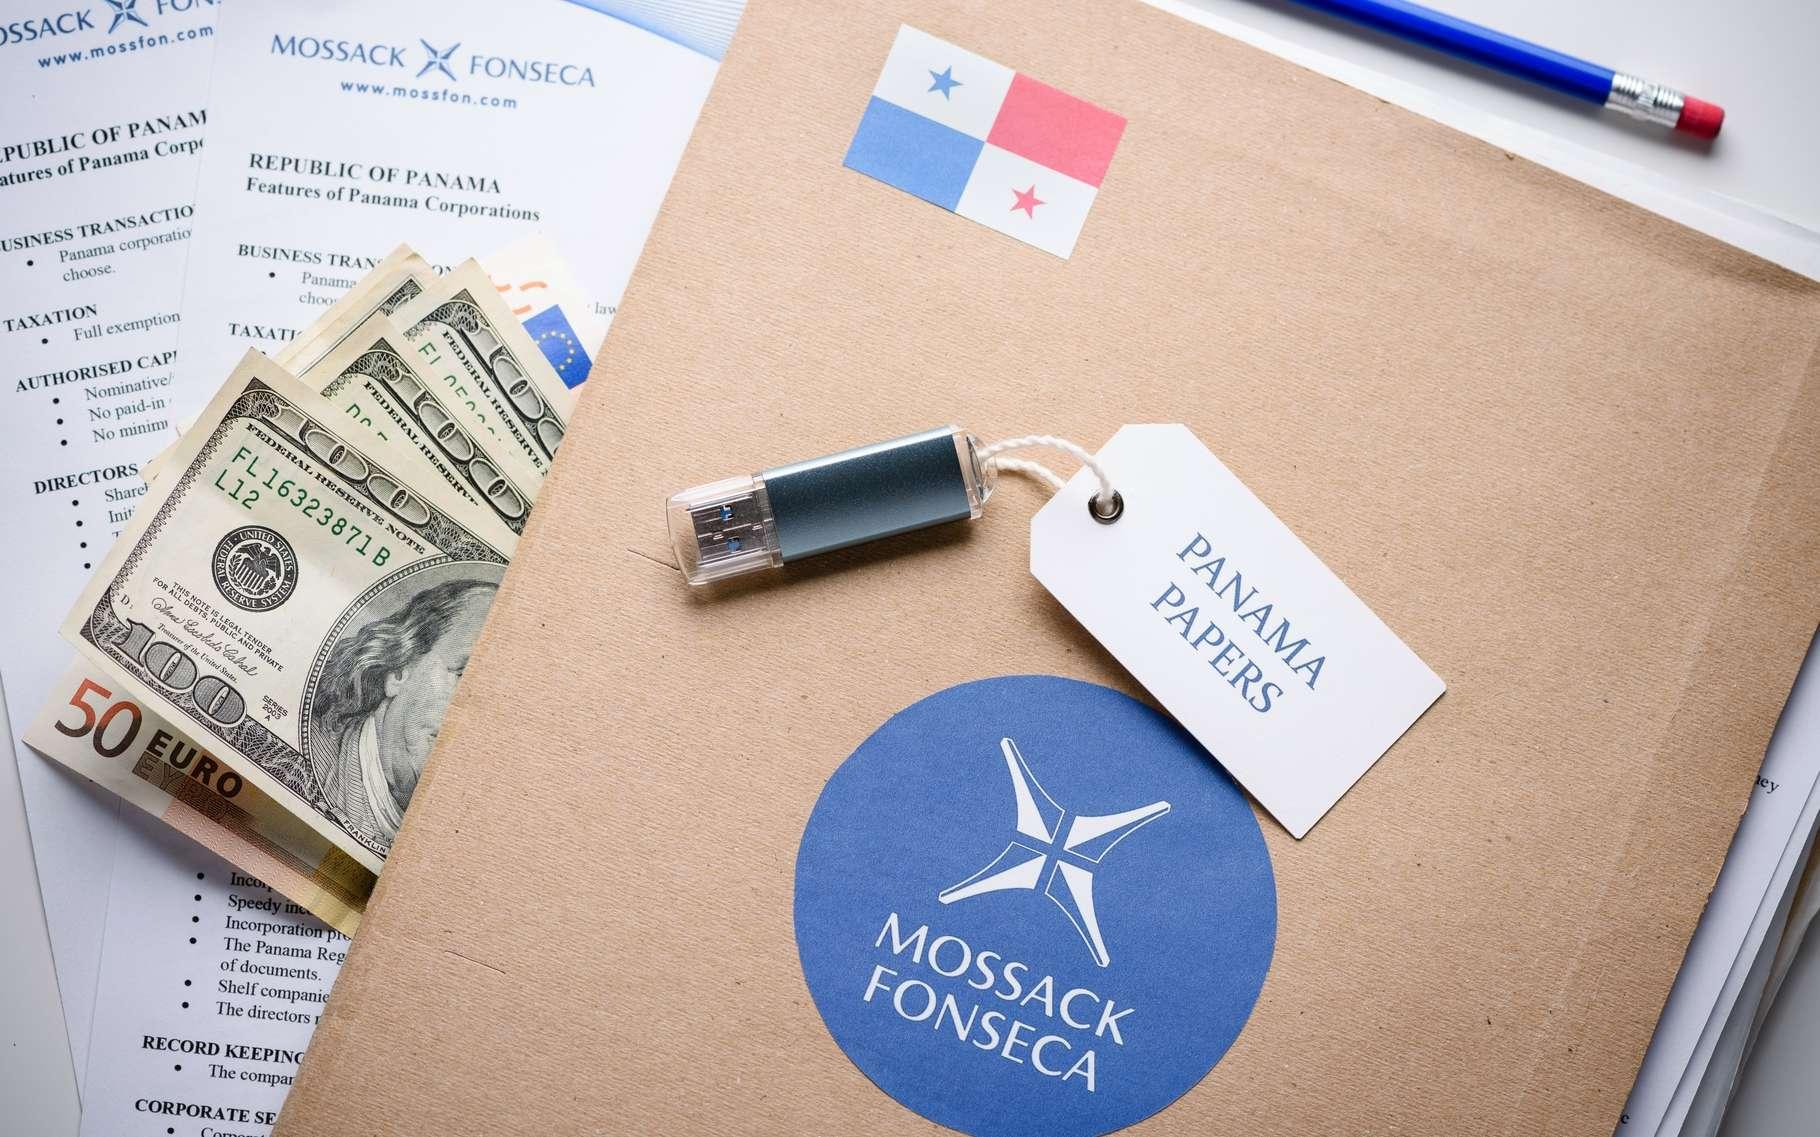 Mossack Fonseca était visiblement peu soucieux de la sécurité de son système informatique, ce qui est plus que surprenant pour une entreprise détentrice de secrets financiers hautement sensibles. © Rawpixel.com, Shutterstock